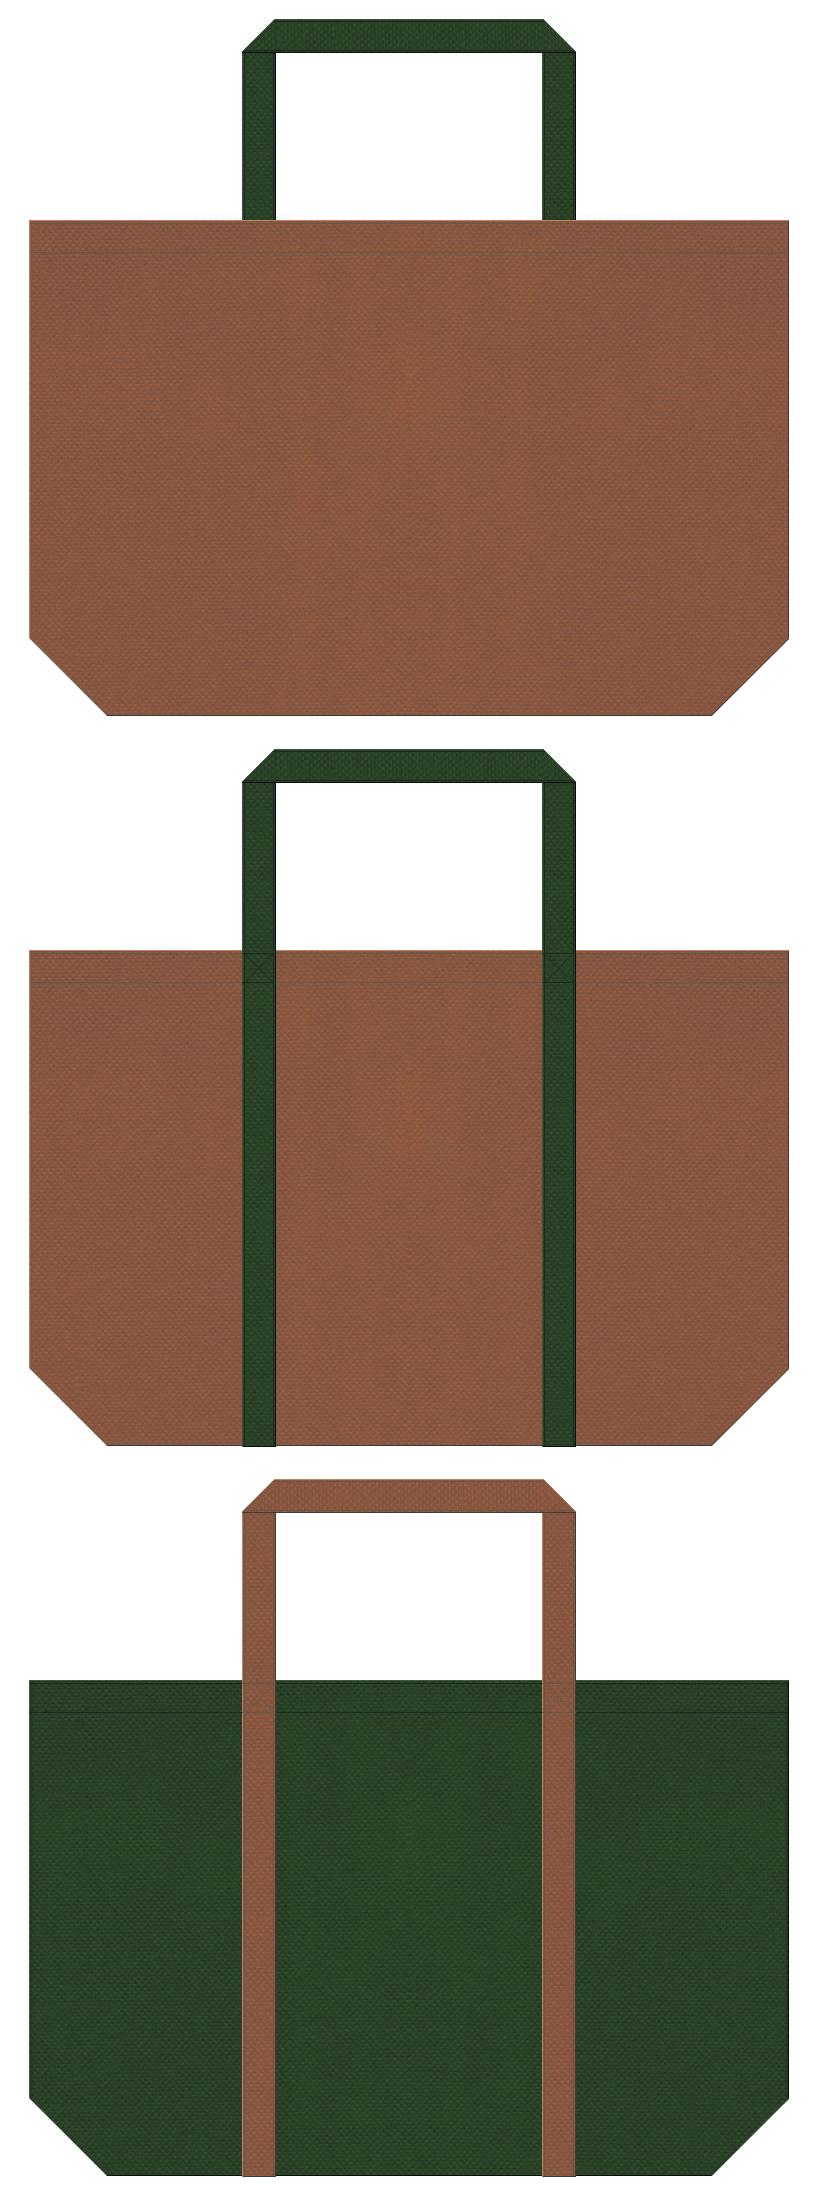 茶色と濃緑色の不織布バッグデザイン。キャンプ・アウトドア用品のショッピングバッグにお奨めです。黒メッシュポケット付きでワイルド感アップ。